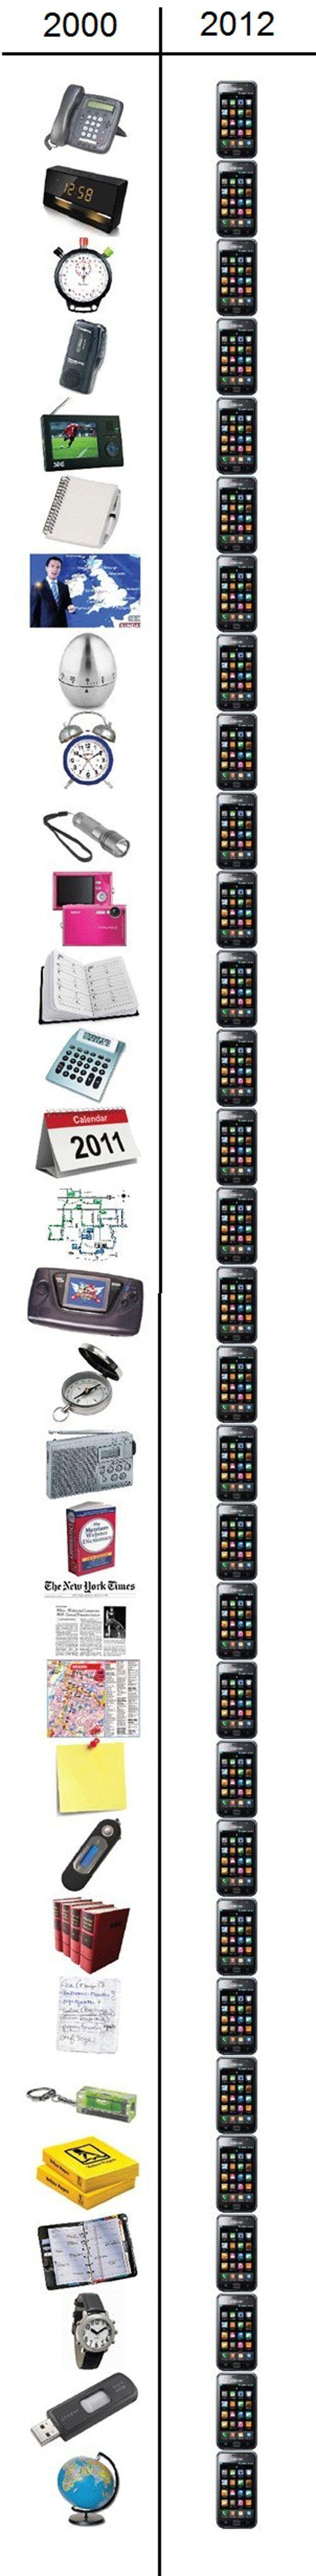 Gadgets 2000 Vs. Gadgets2012